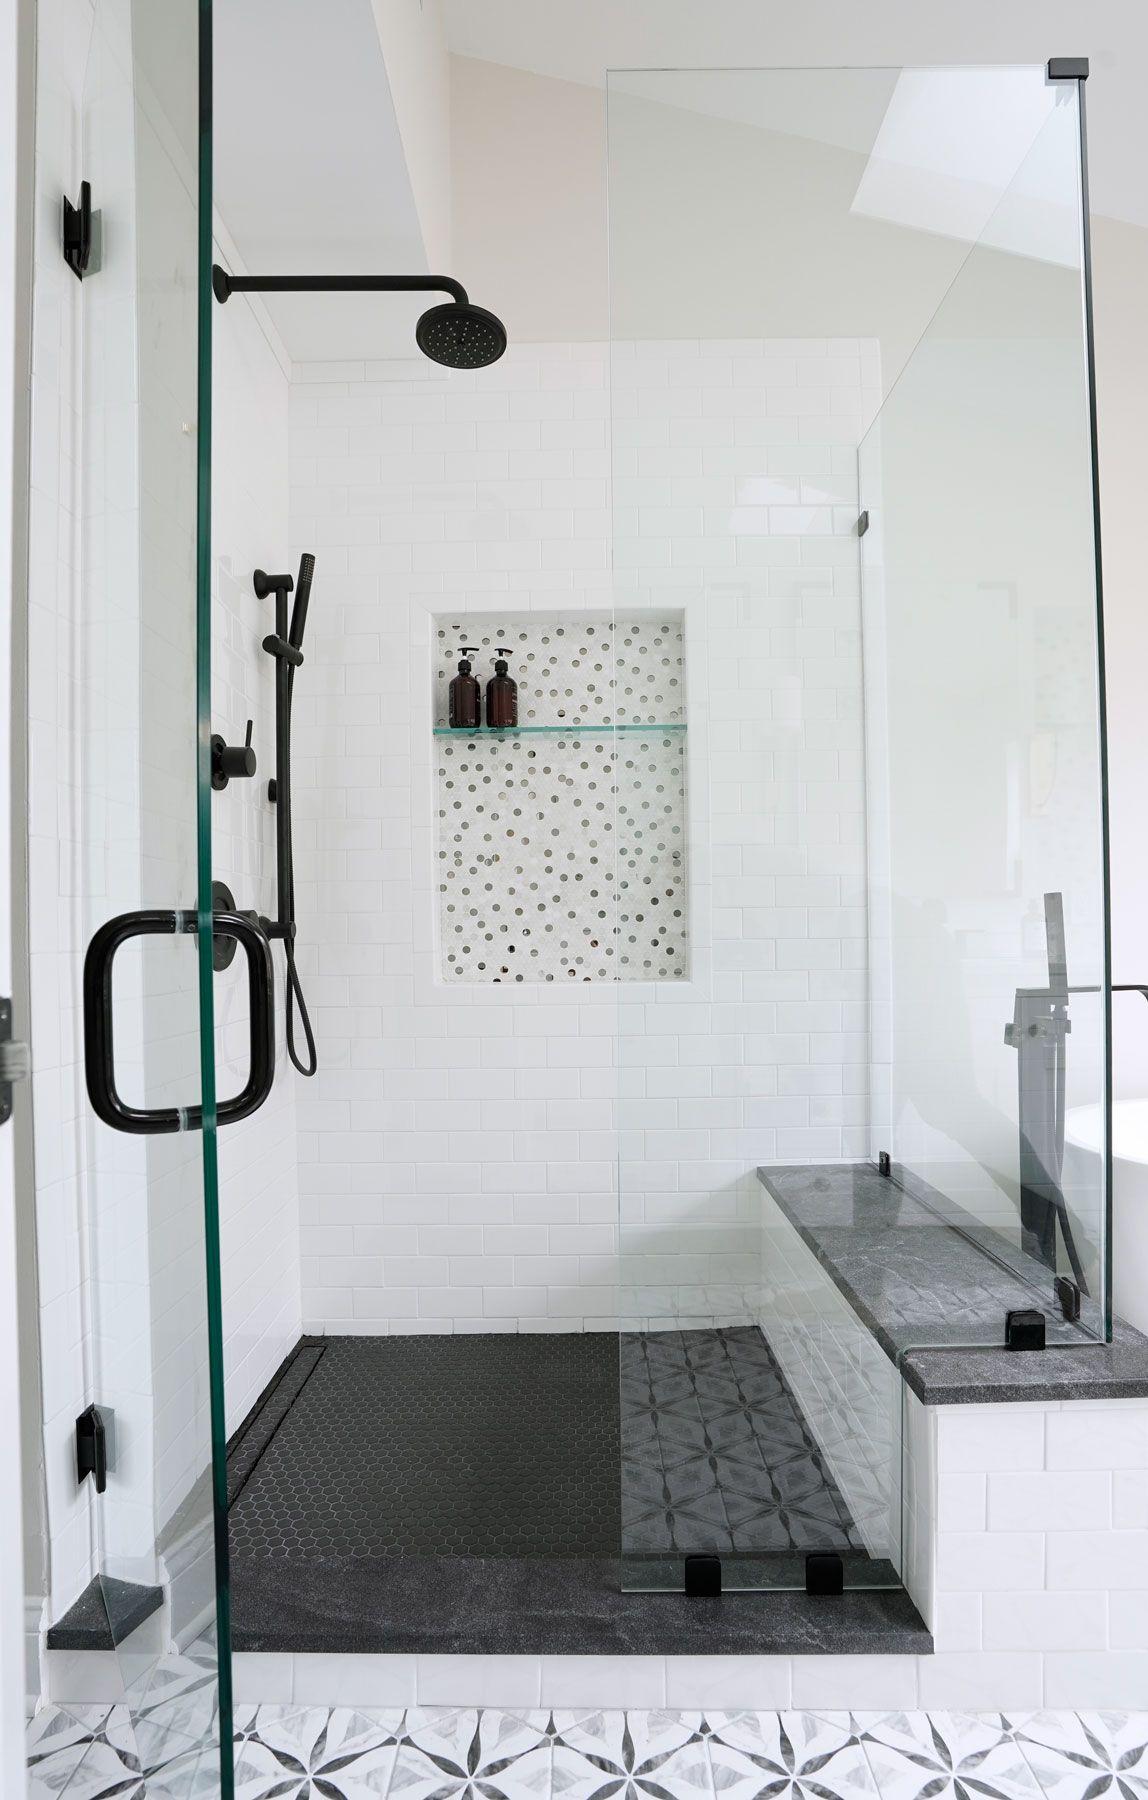 Master Bathroom Remodel Black Matte Fixtures Grey Black And White Patterned Tile White Subway Sho Shower Remodel Bathroom Remodel Master Master Shower Tile